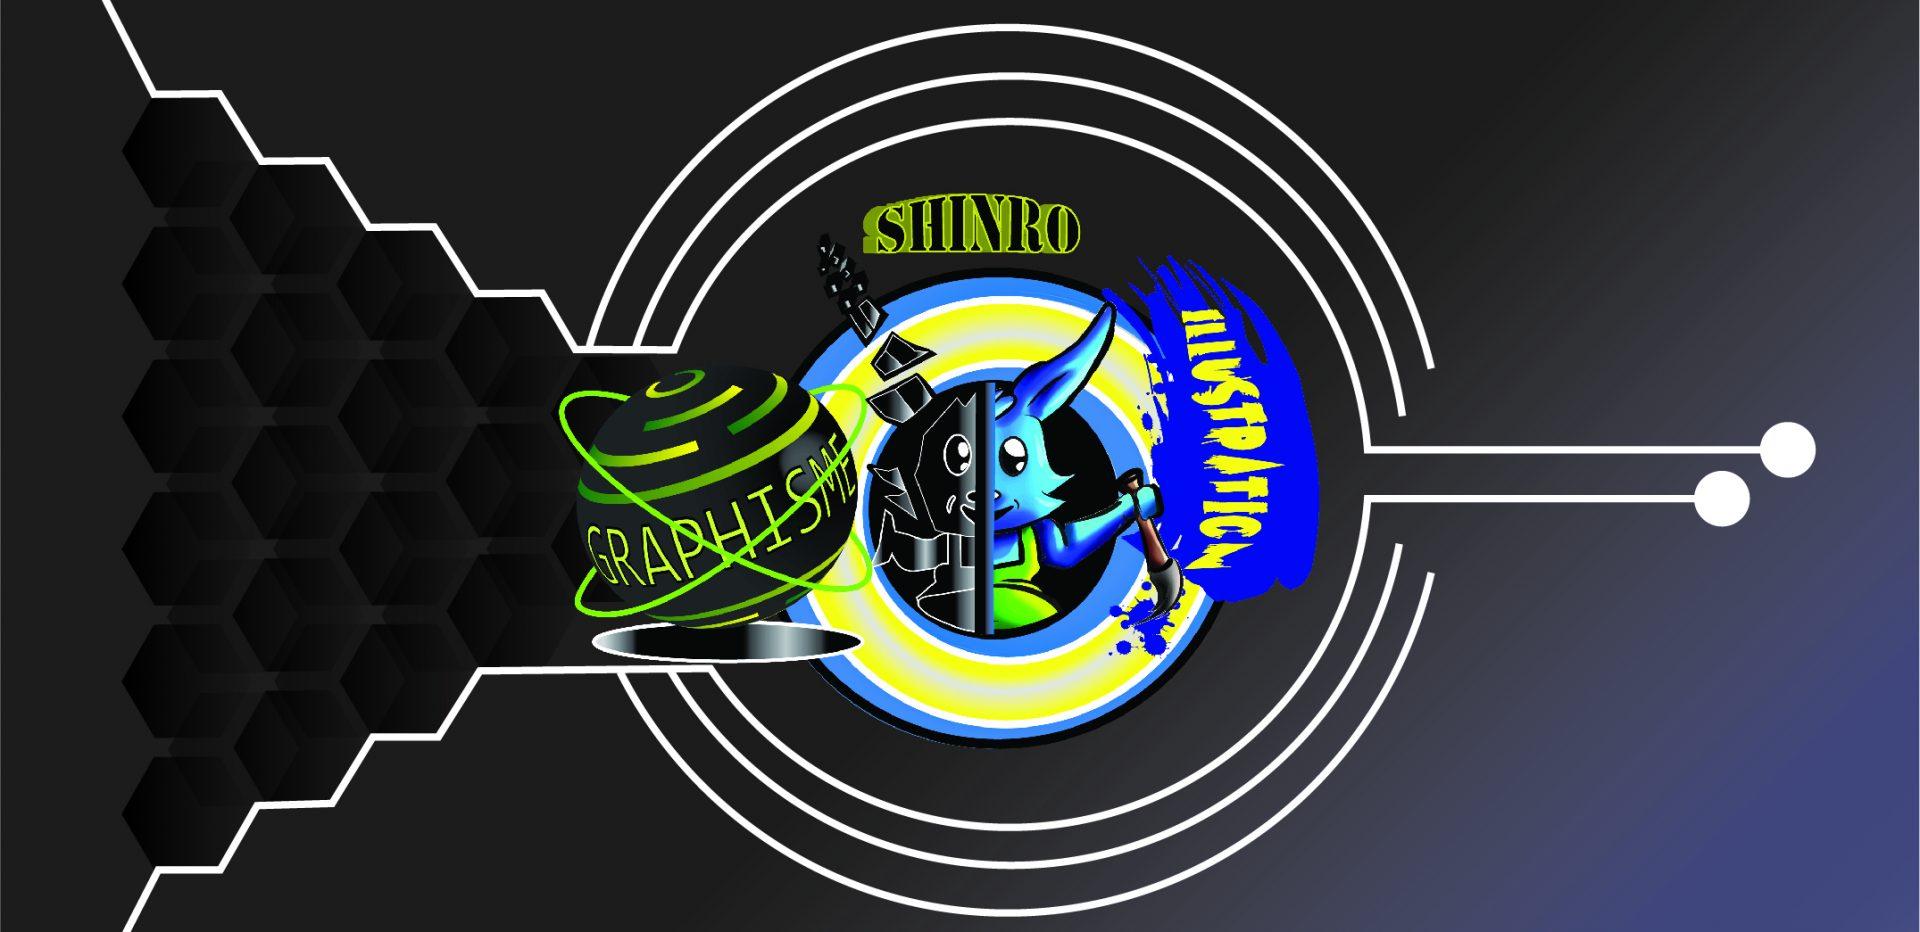 -Shinro illustration graphisme- illustrateur / graphiste pays d'Ancenis et Mauges